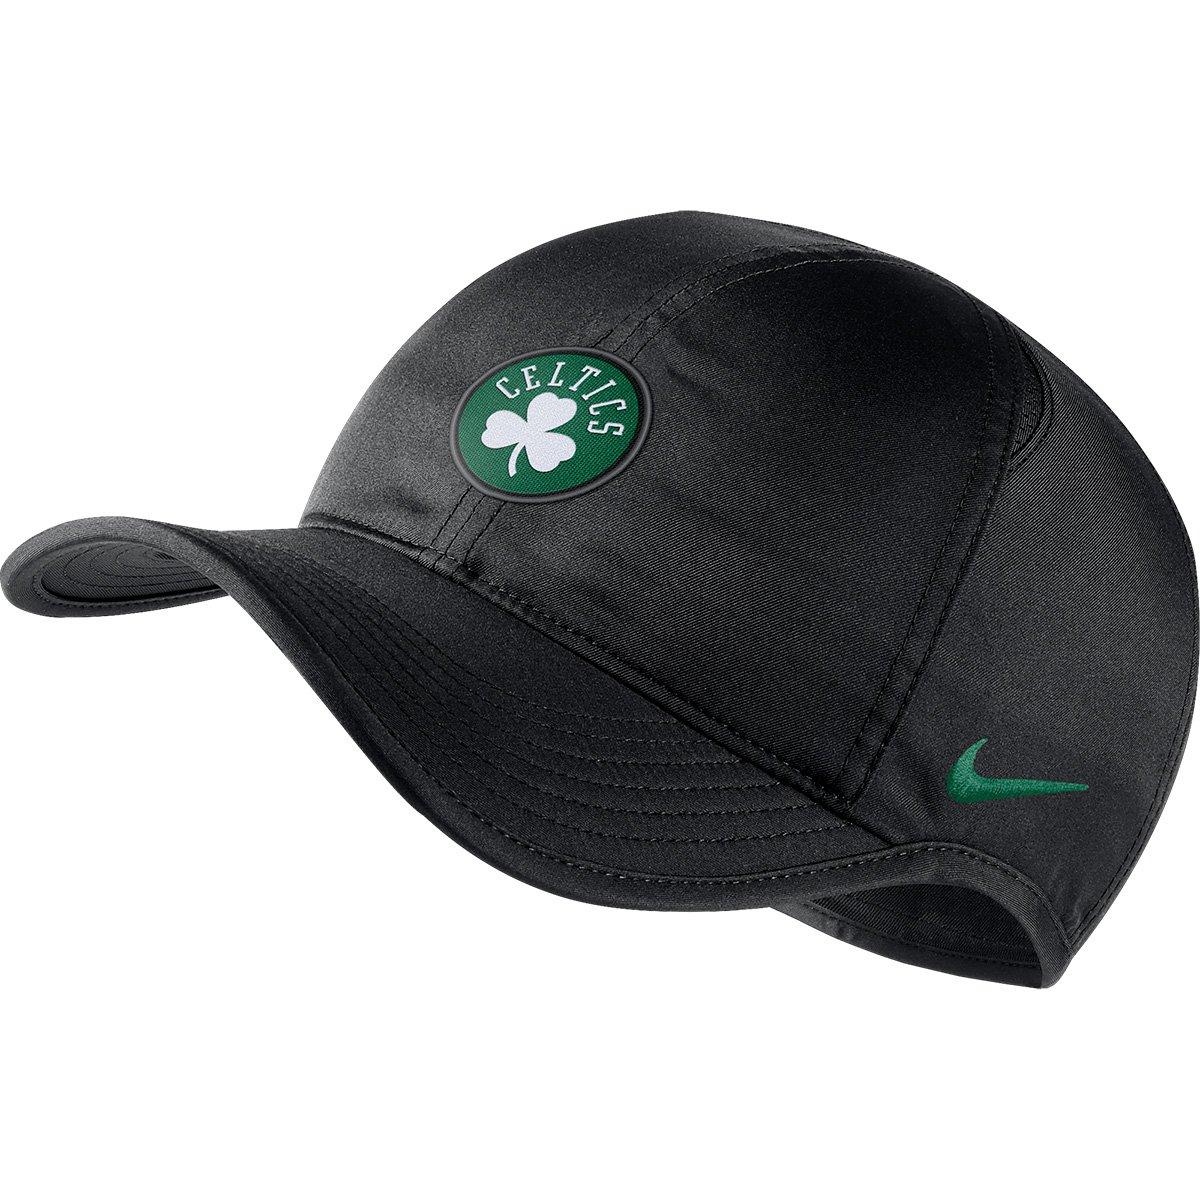 Boné Nike NBA Boston Celtics Aba Curva Featherlight - Compre Agora ... 0481629a6cd5a